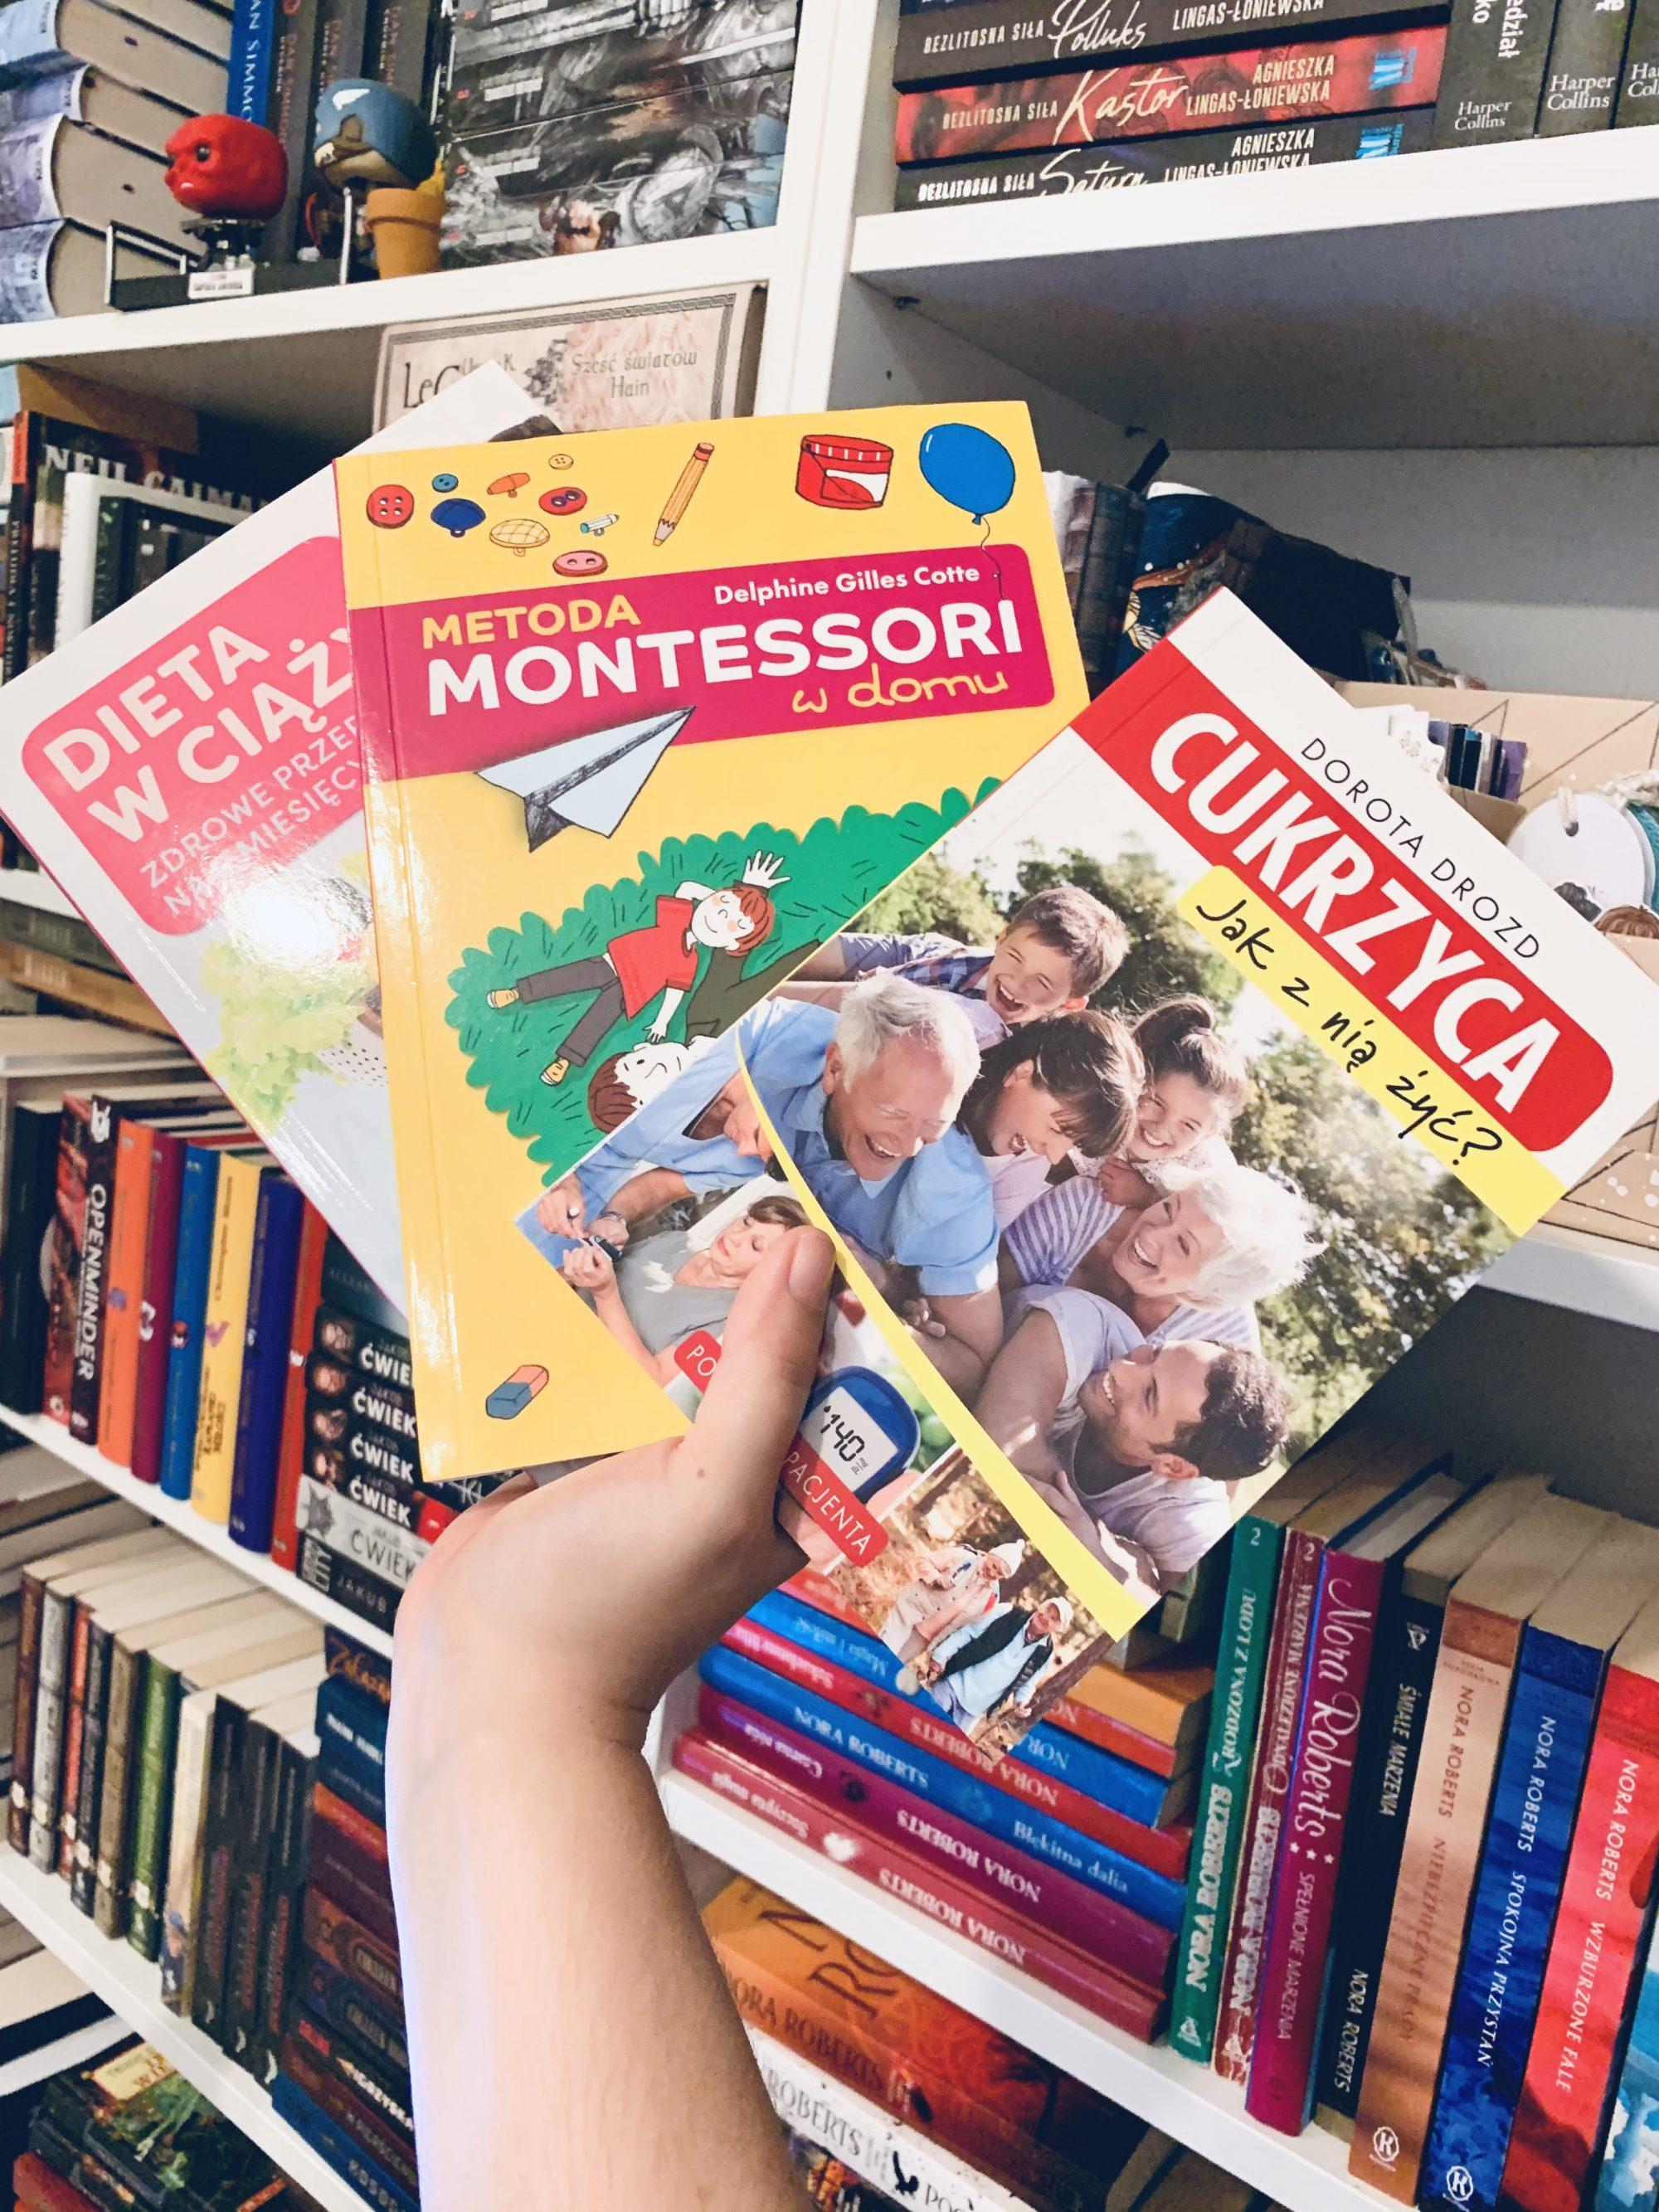 3-poradniki-wydawnictwa-rm-cukrzyca-nia-zyc-dieta-ciazy-metoda-montessori-domu